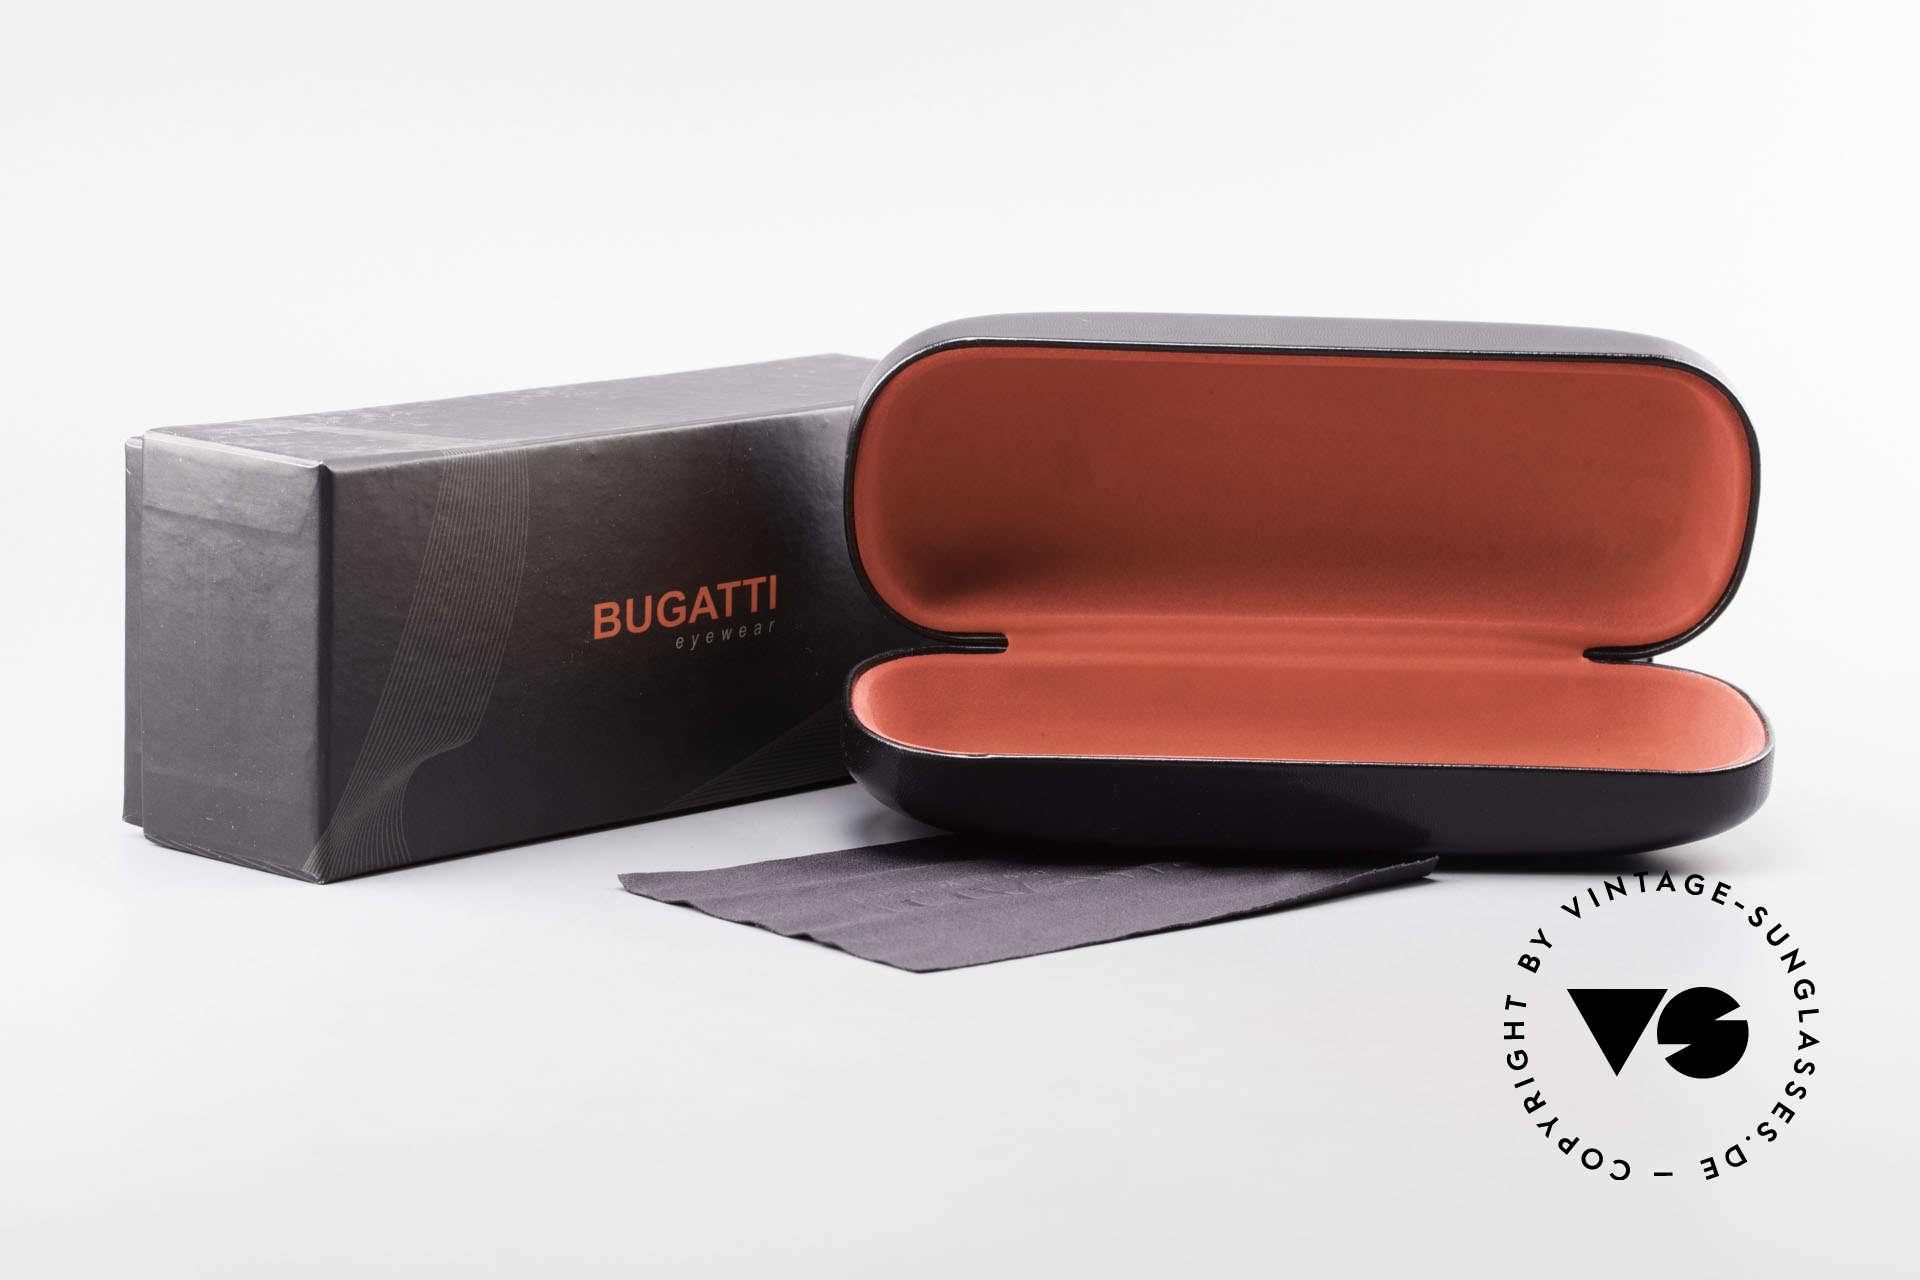 Bugatti 442 Vergoldete Vintage Fassung, Größe: medium, Passend für Herren